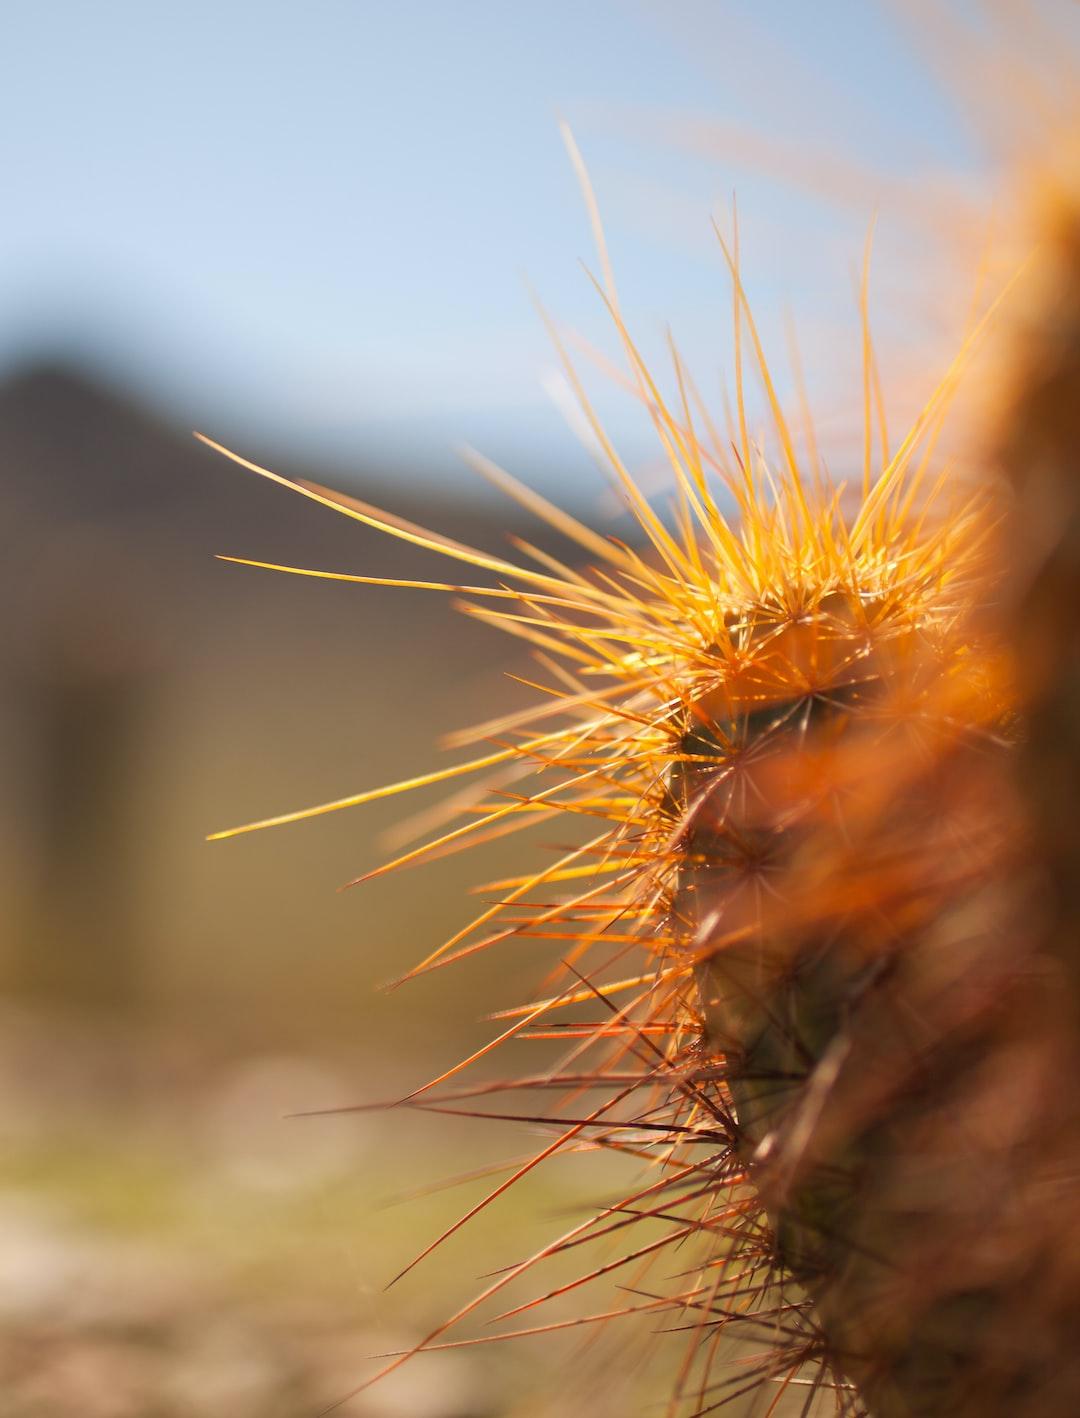 Prickly orange needles